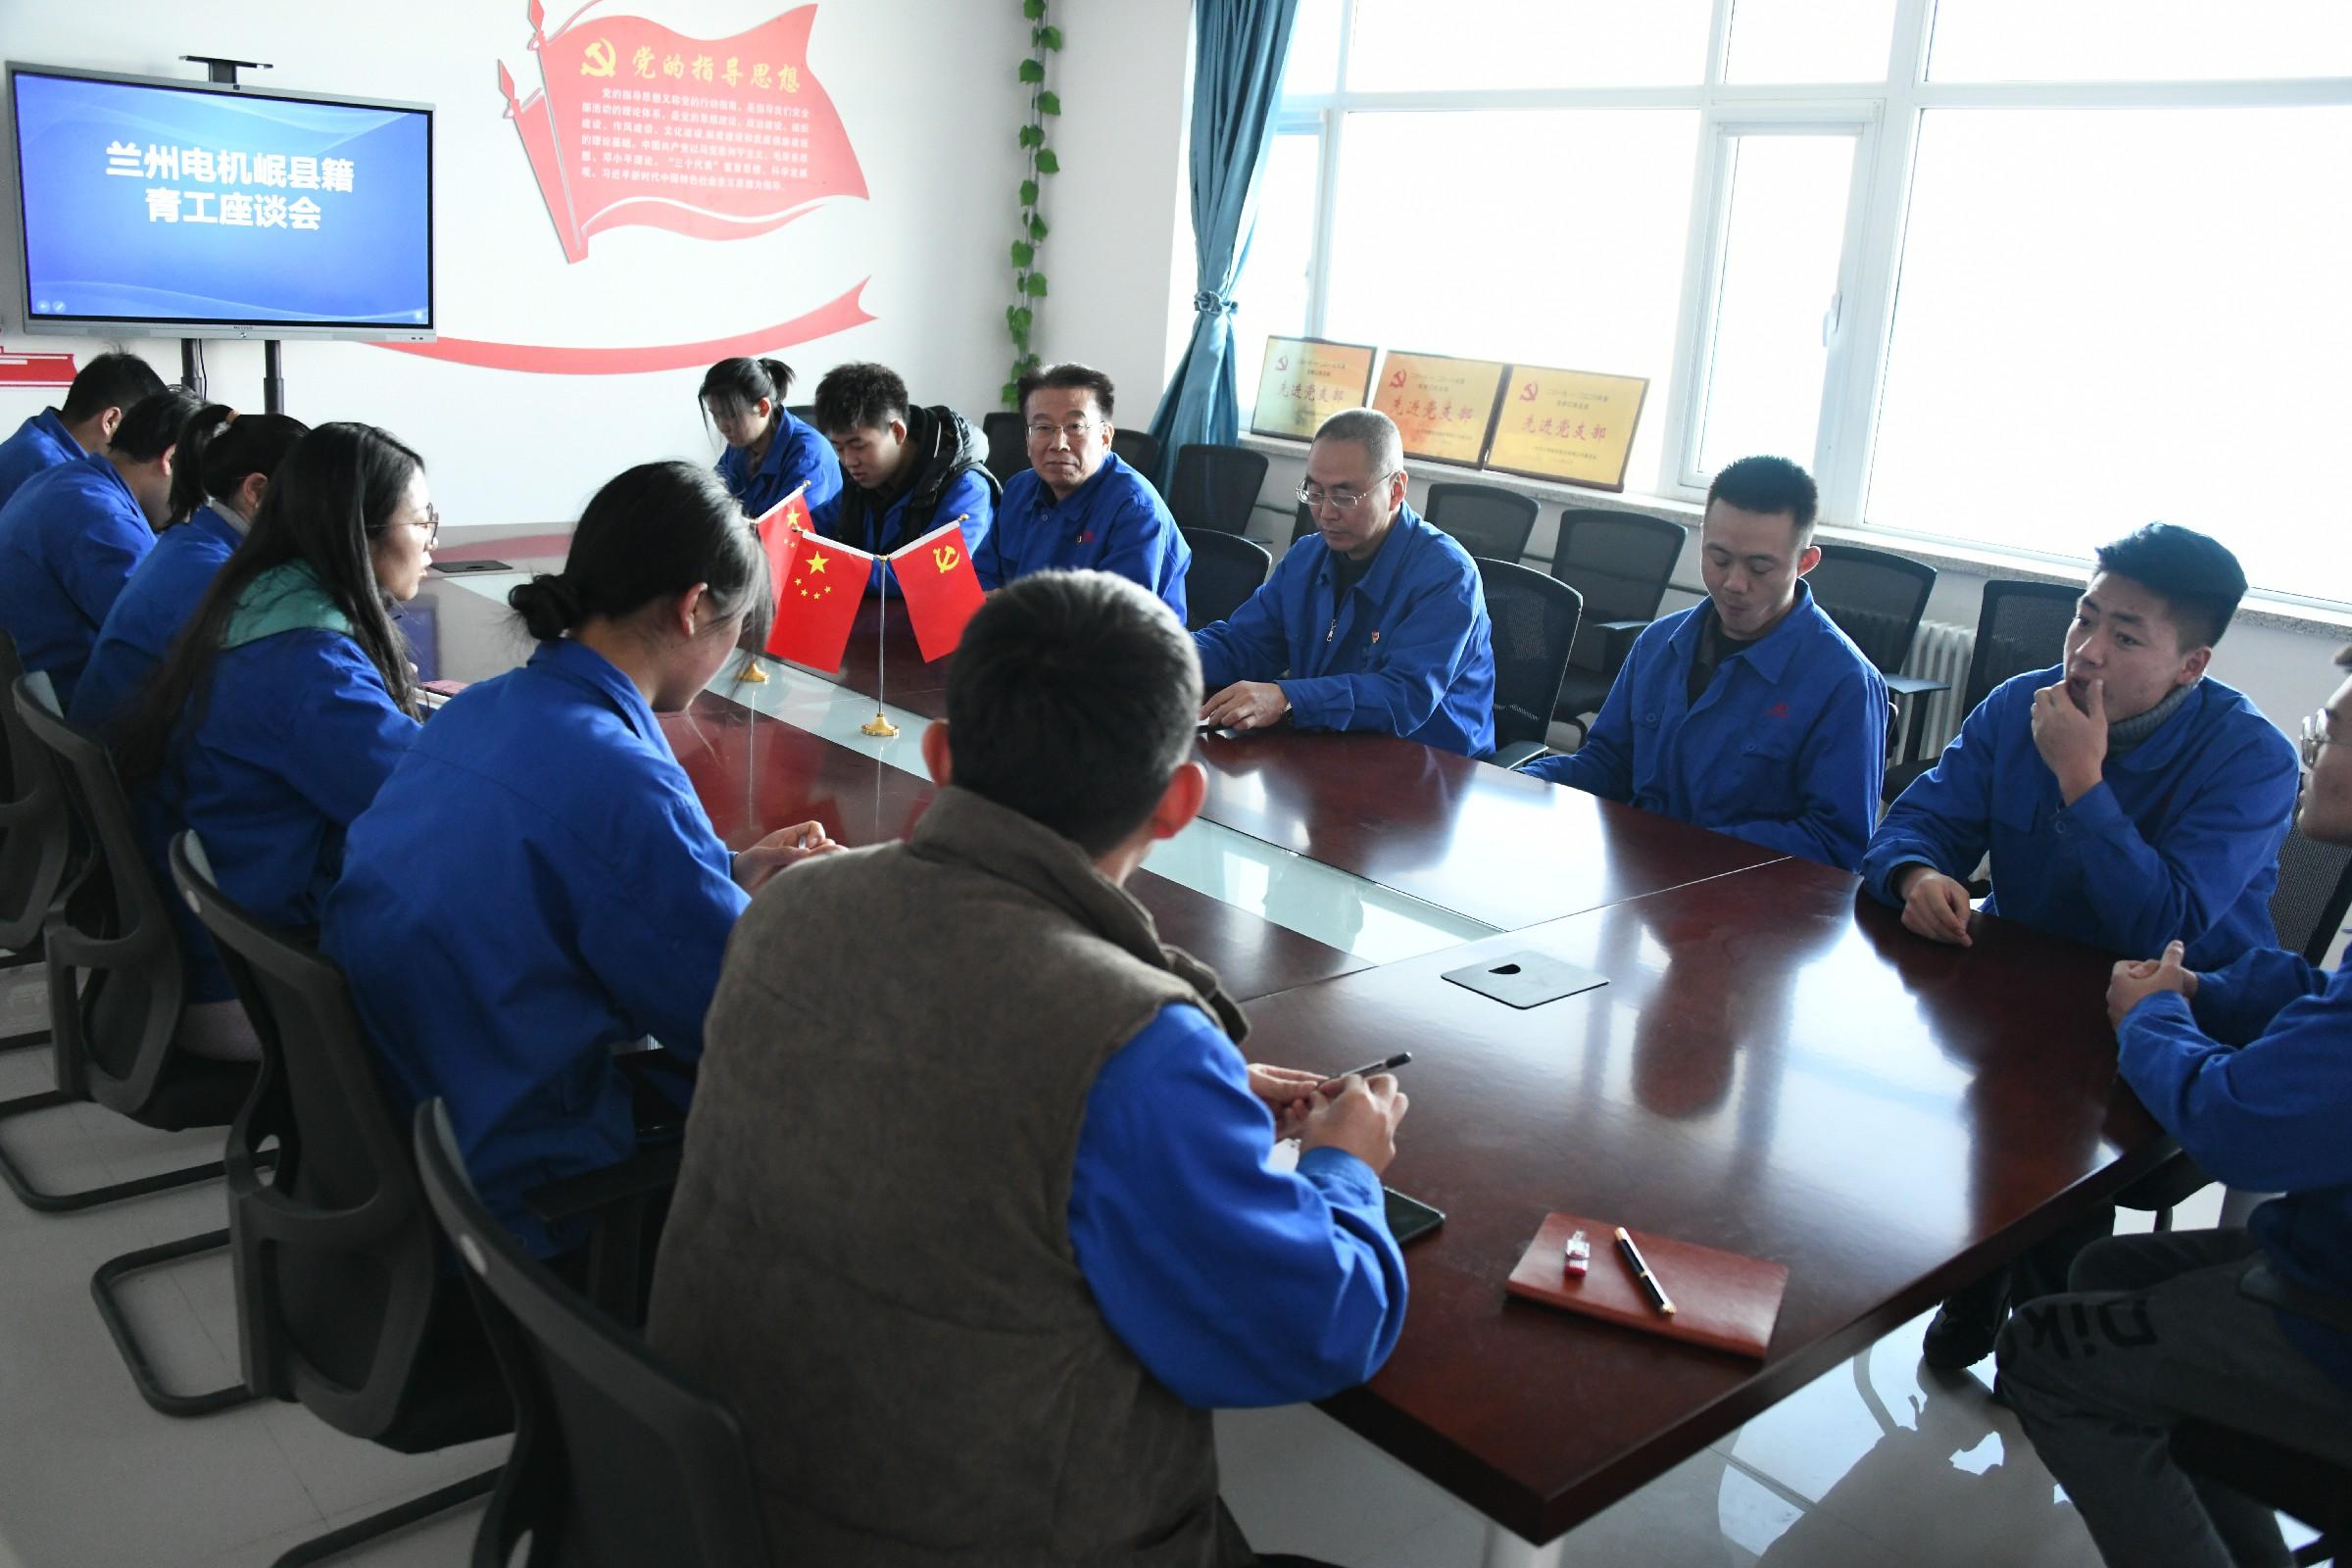 公司举办岷县籍青工座谈会